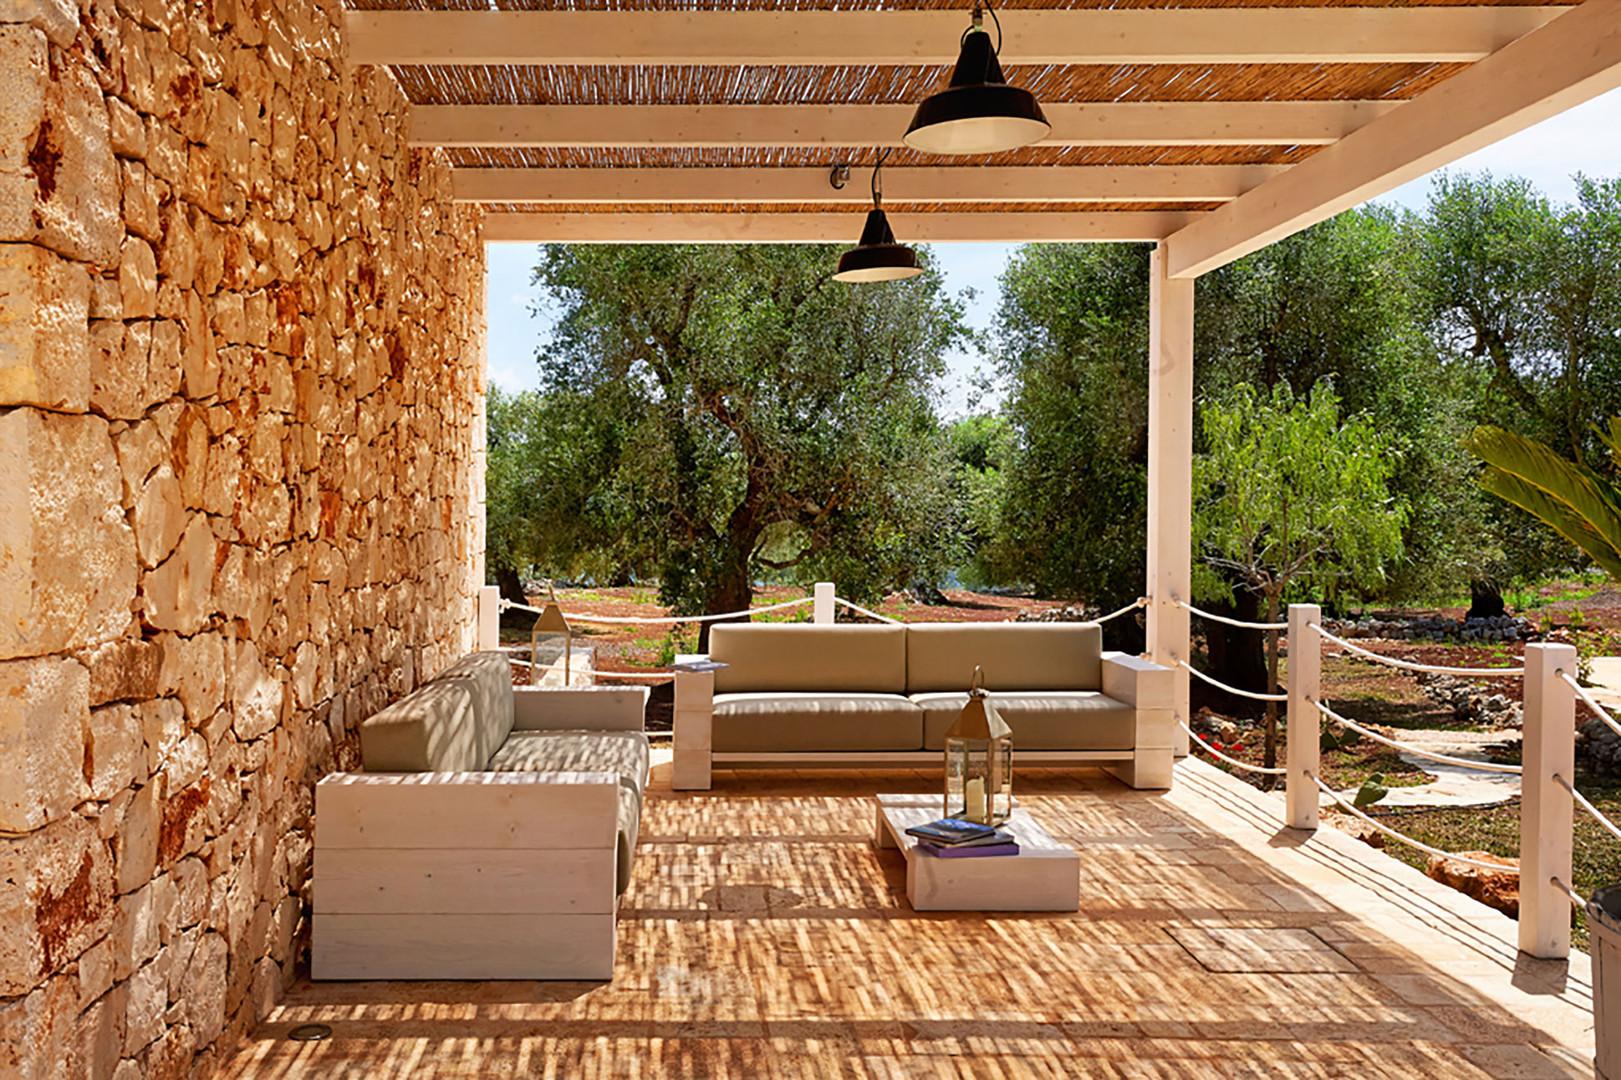 Apulia3.jpg